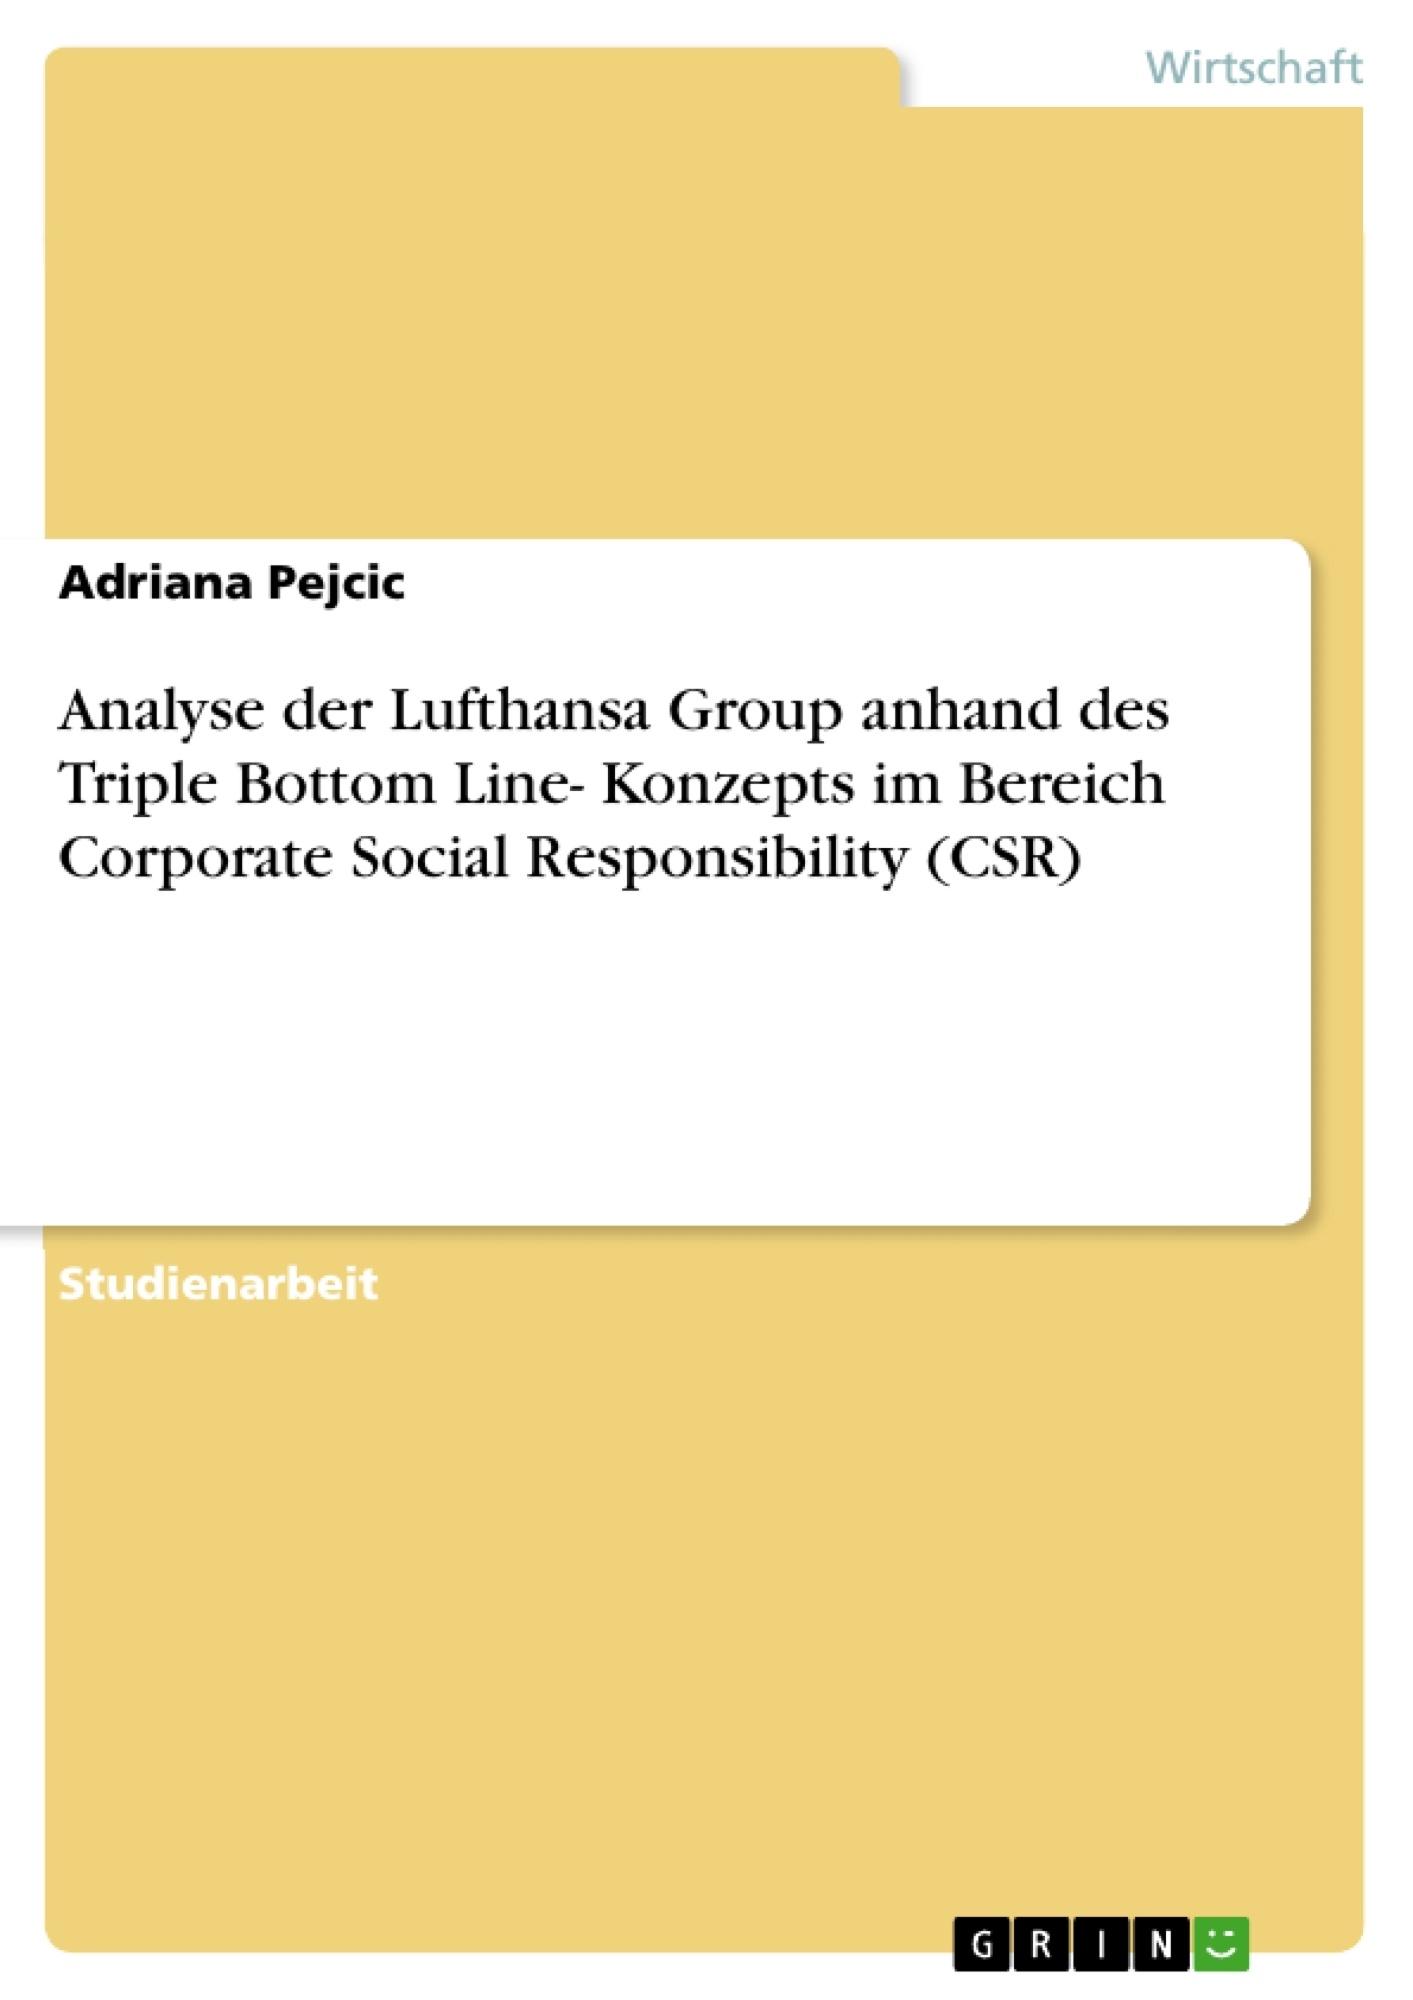 Titel: Analyse der Lufthansa Group anhand des Triple Bottom Line- Konzepts im Bereich Corporate Social Responsibility (CSR)